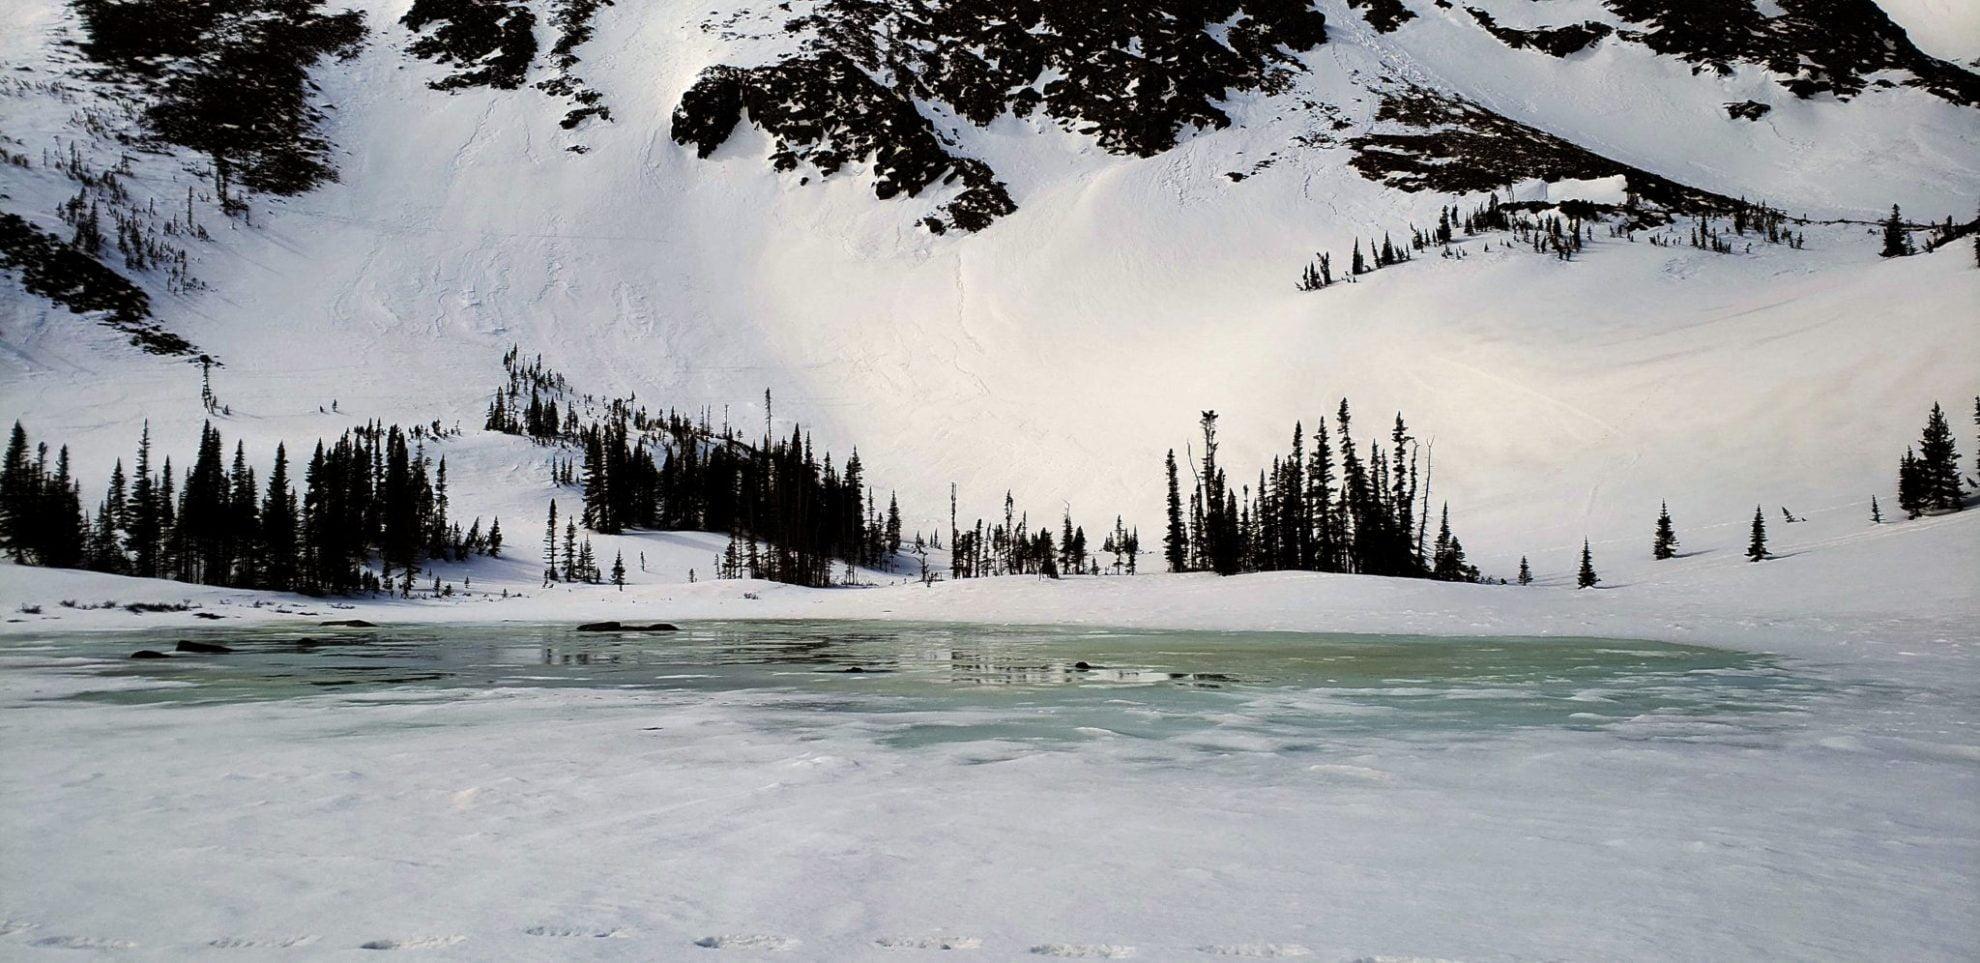 Lake Helene beginning to thaw